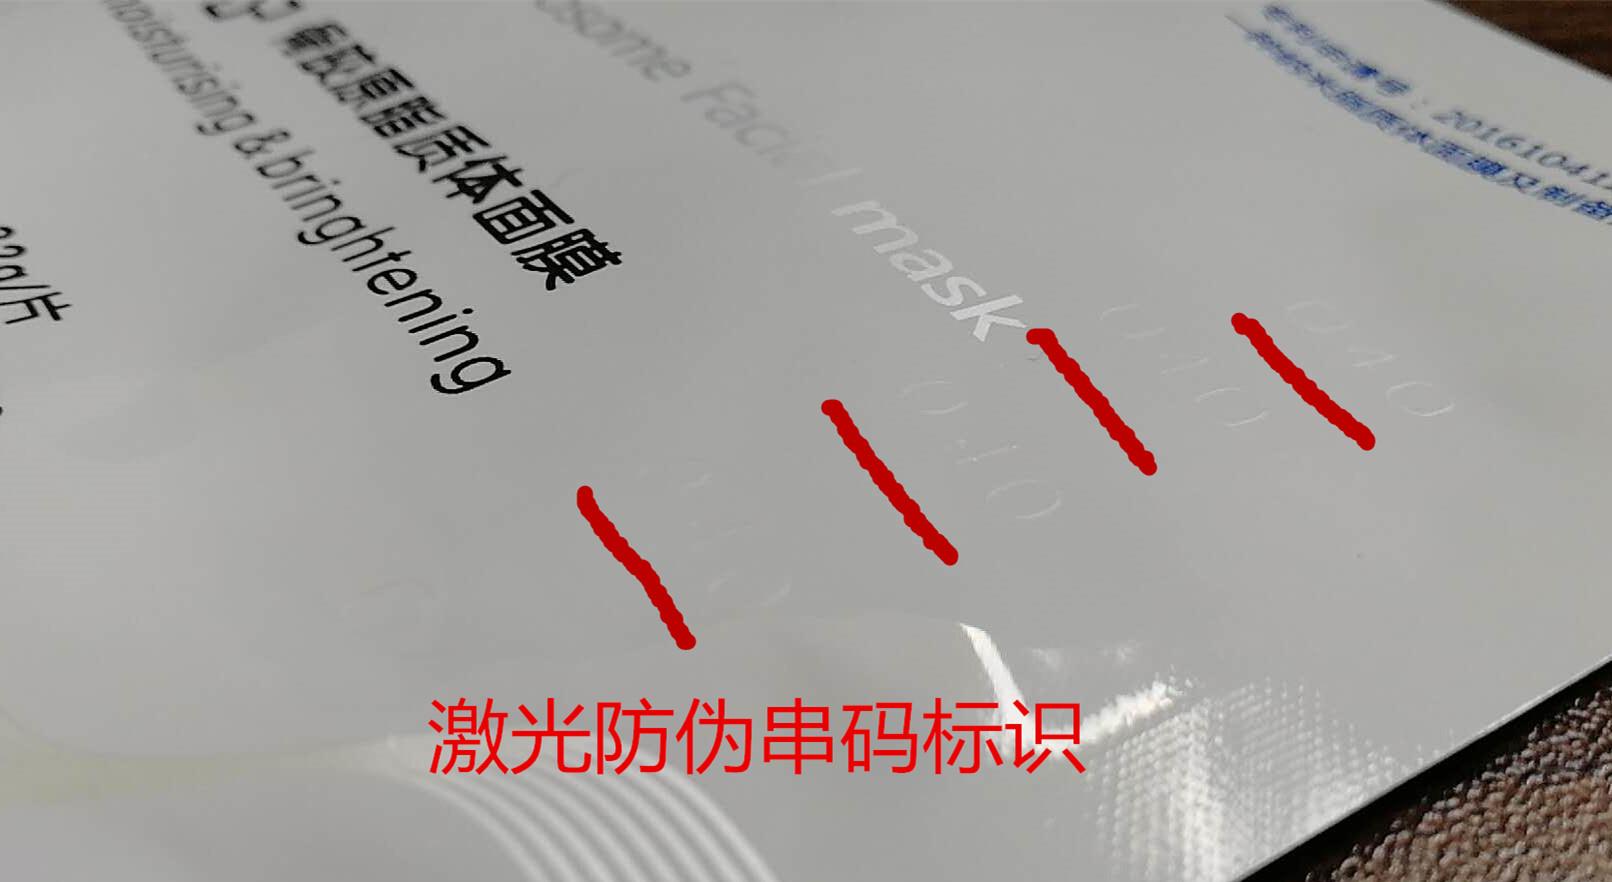 九立德面膜如何识别防伪标签真假